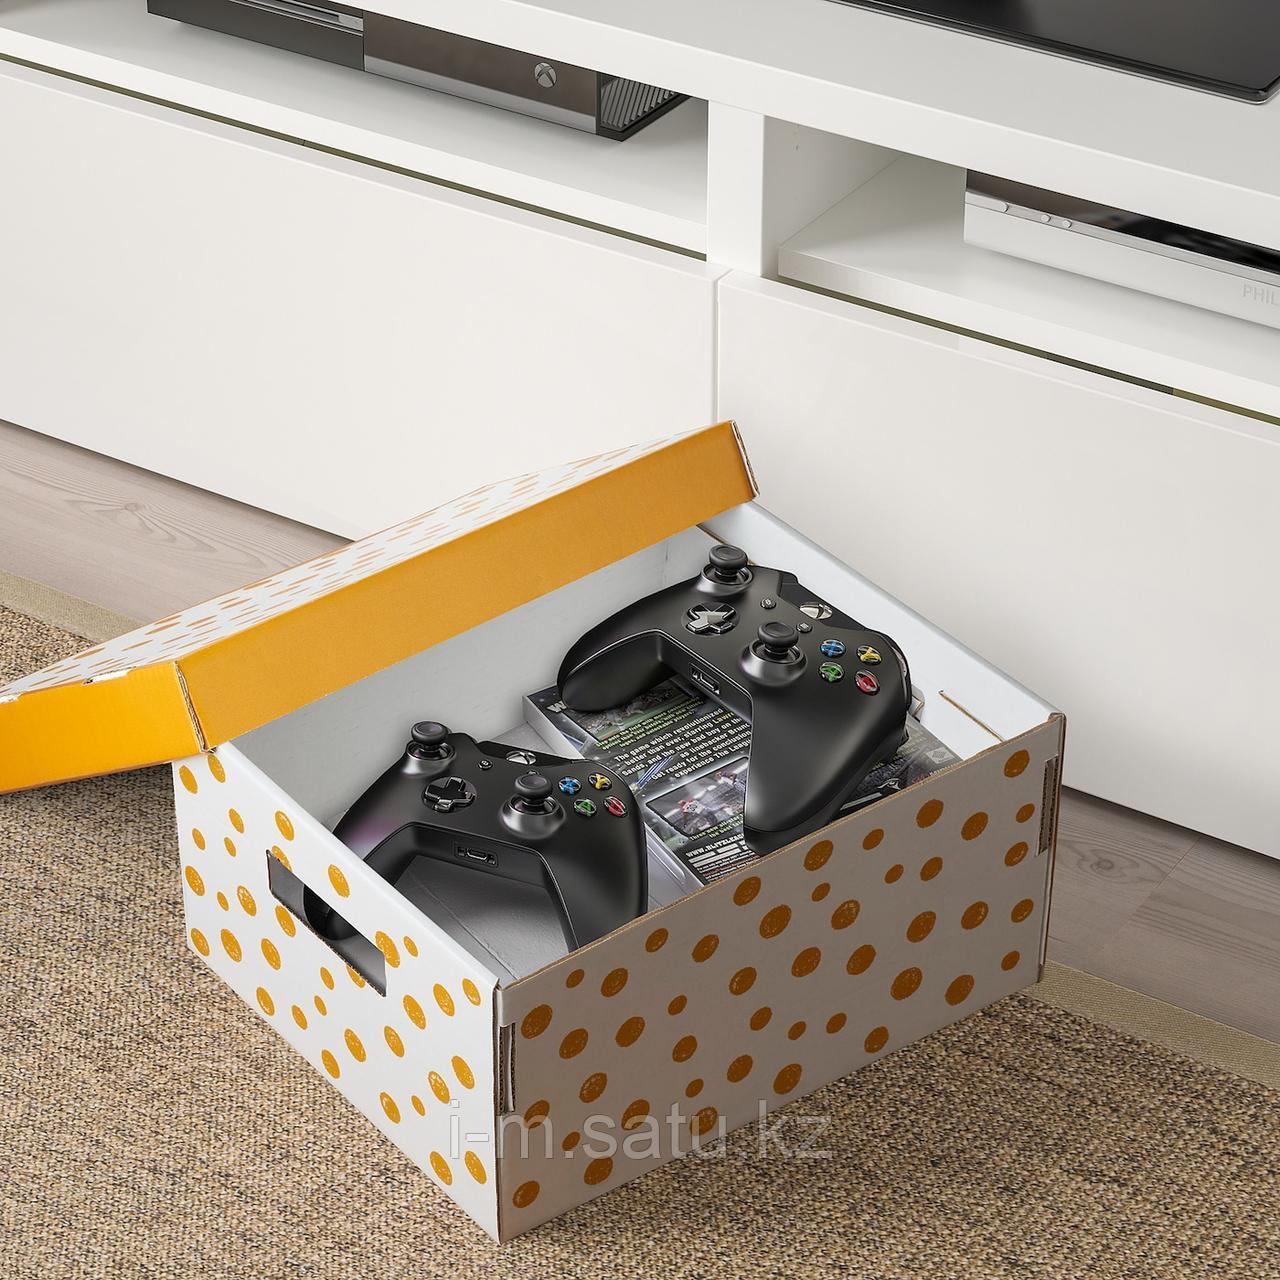 ПИНГЛА Коробка с крышкой, точечный, оранжевый, 2шт, оранжевый, белый